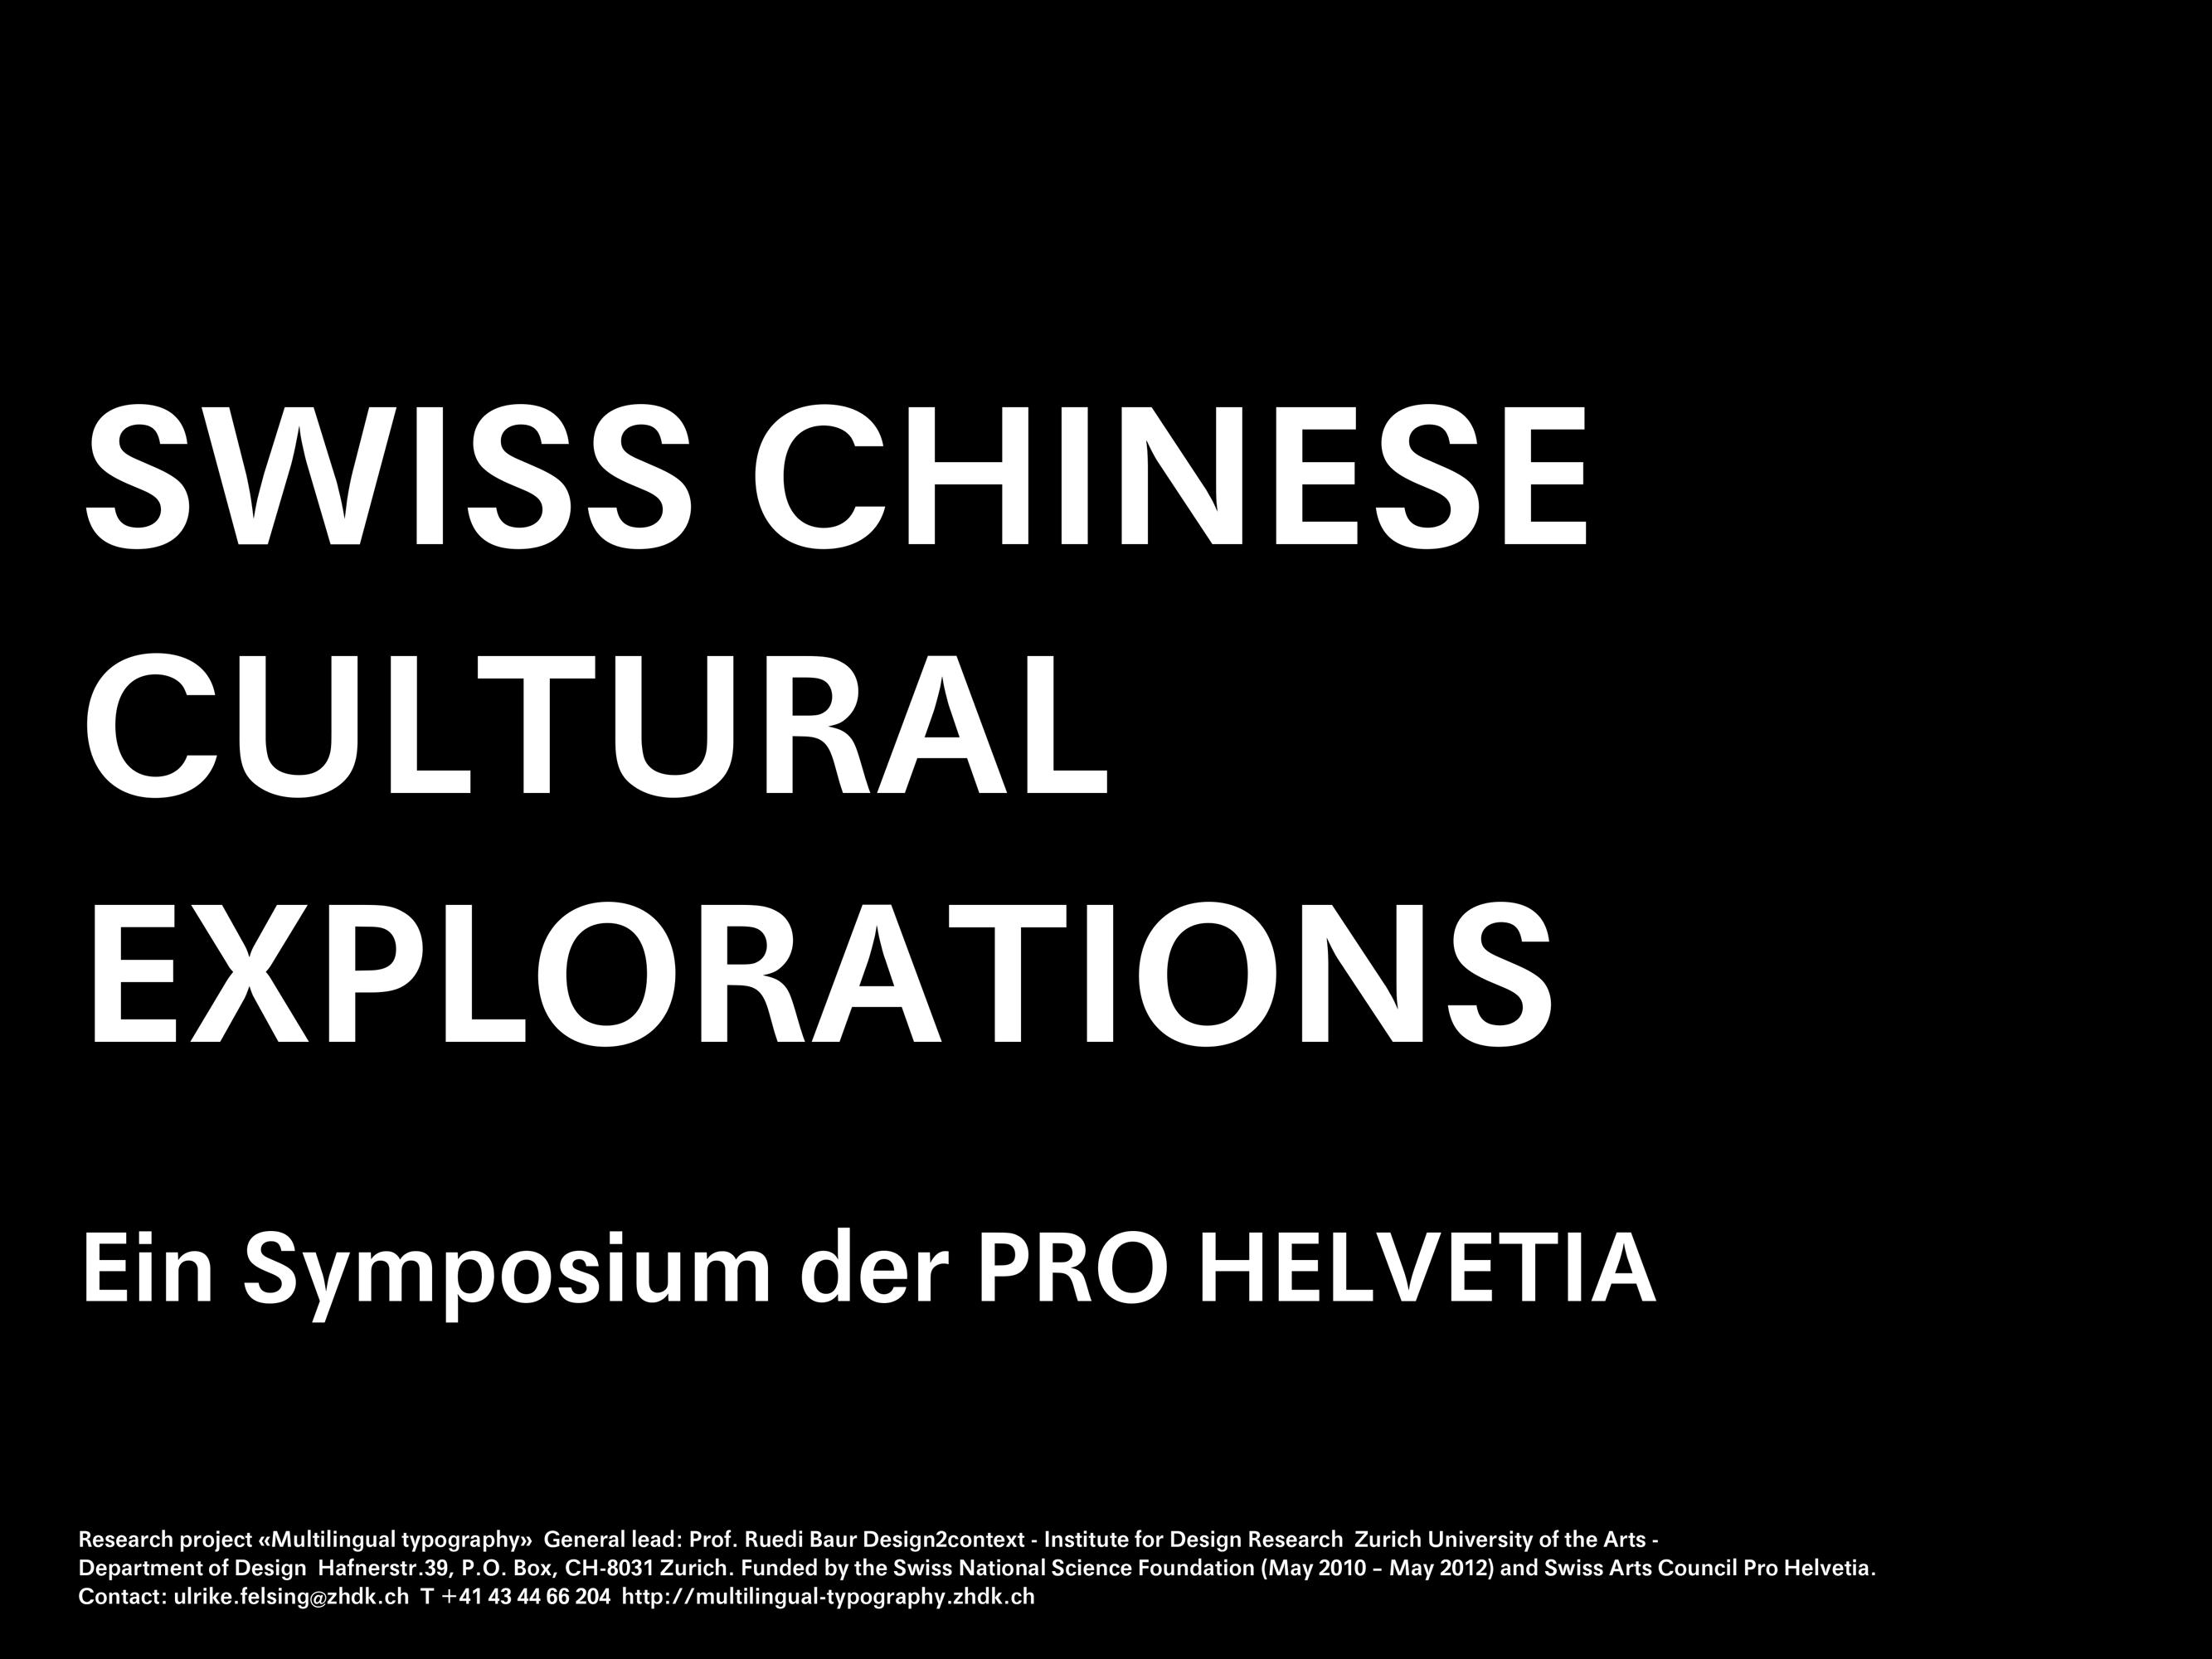 Symp_Pro_Helvetia_Kultur_Uebersetzen-1